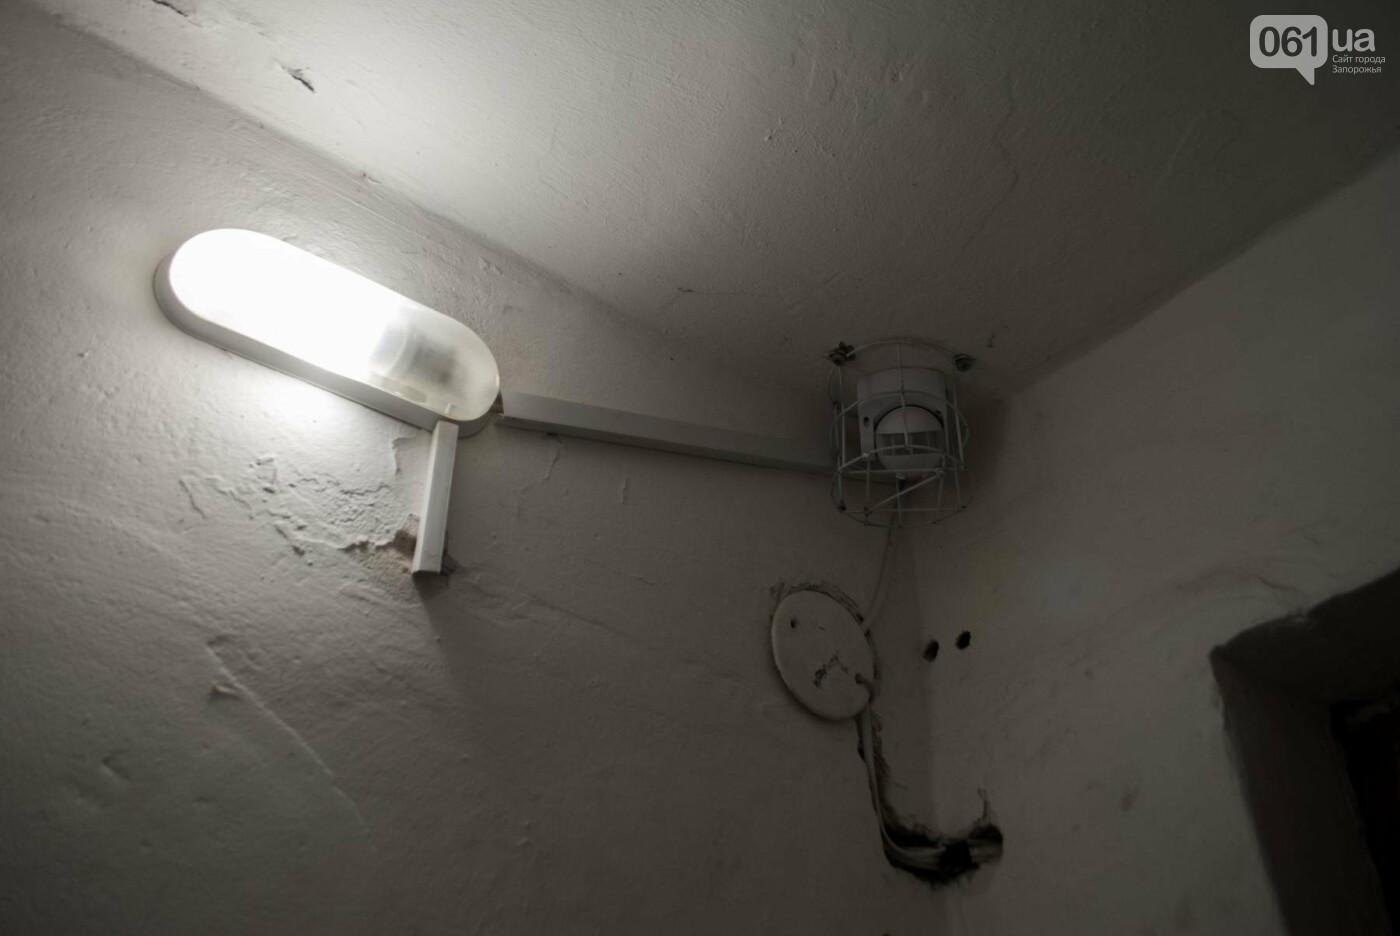 Сам себе хозяин: как запорожские ОСМД занимаются энергосбережением и значительно экономят на тарифах, — ФОТО, фото-43